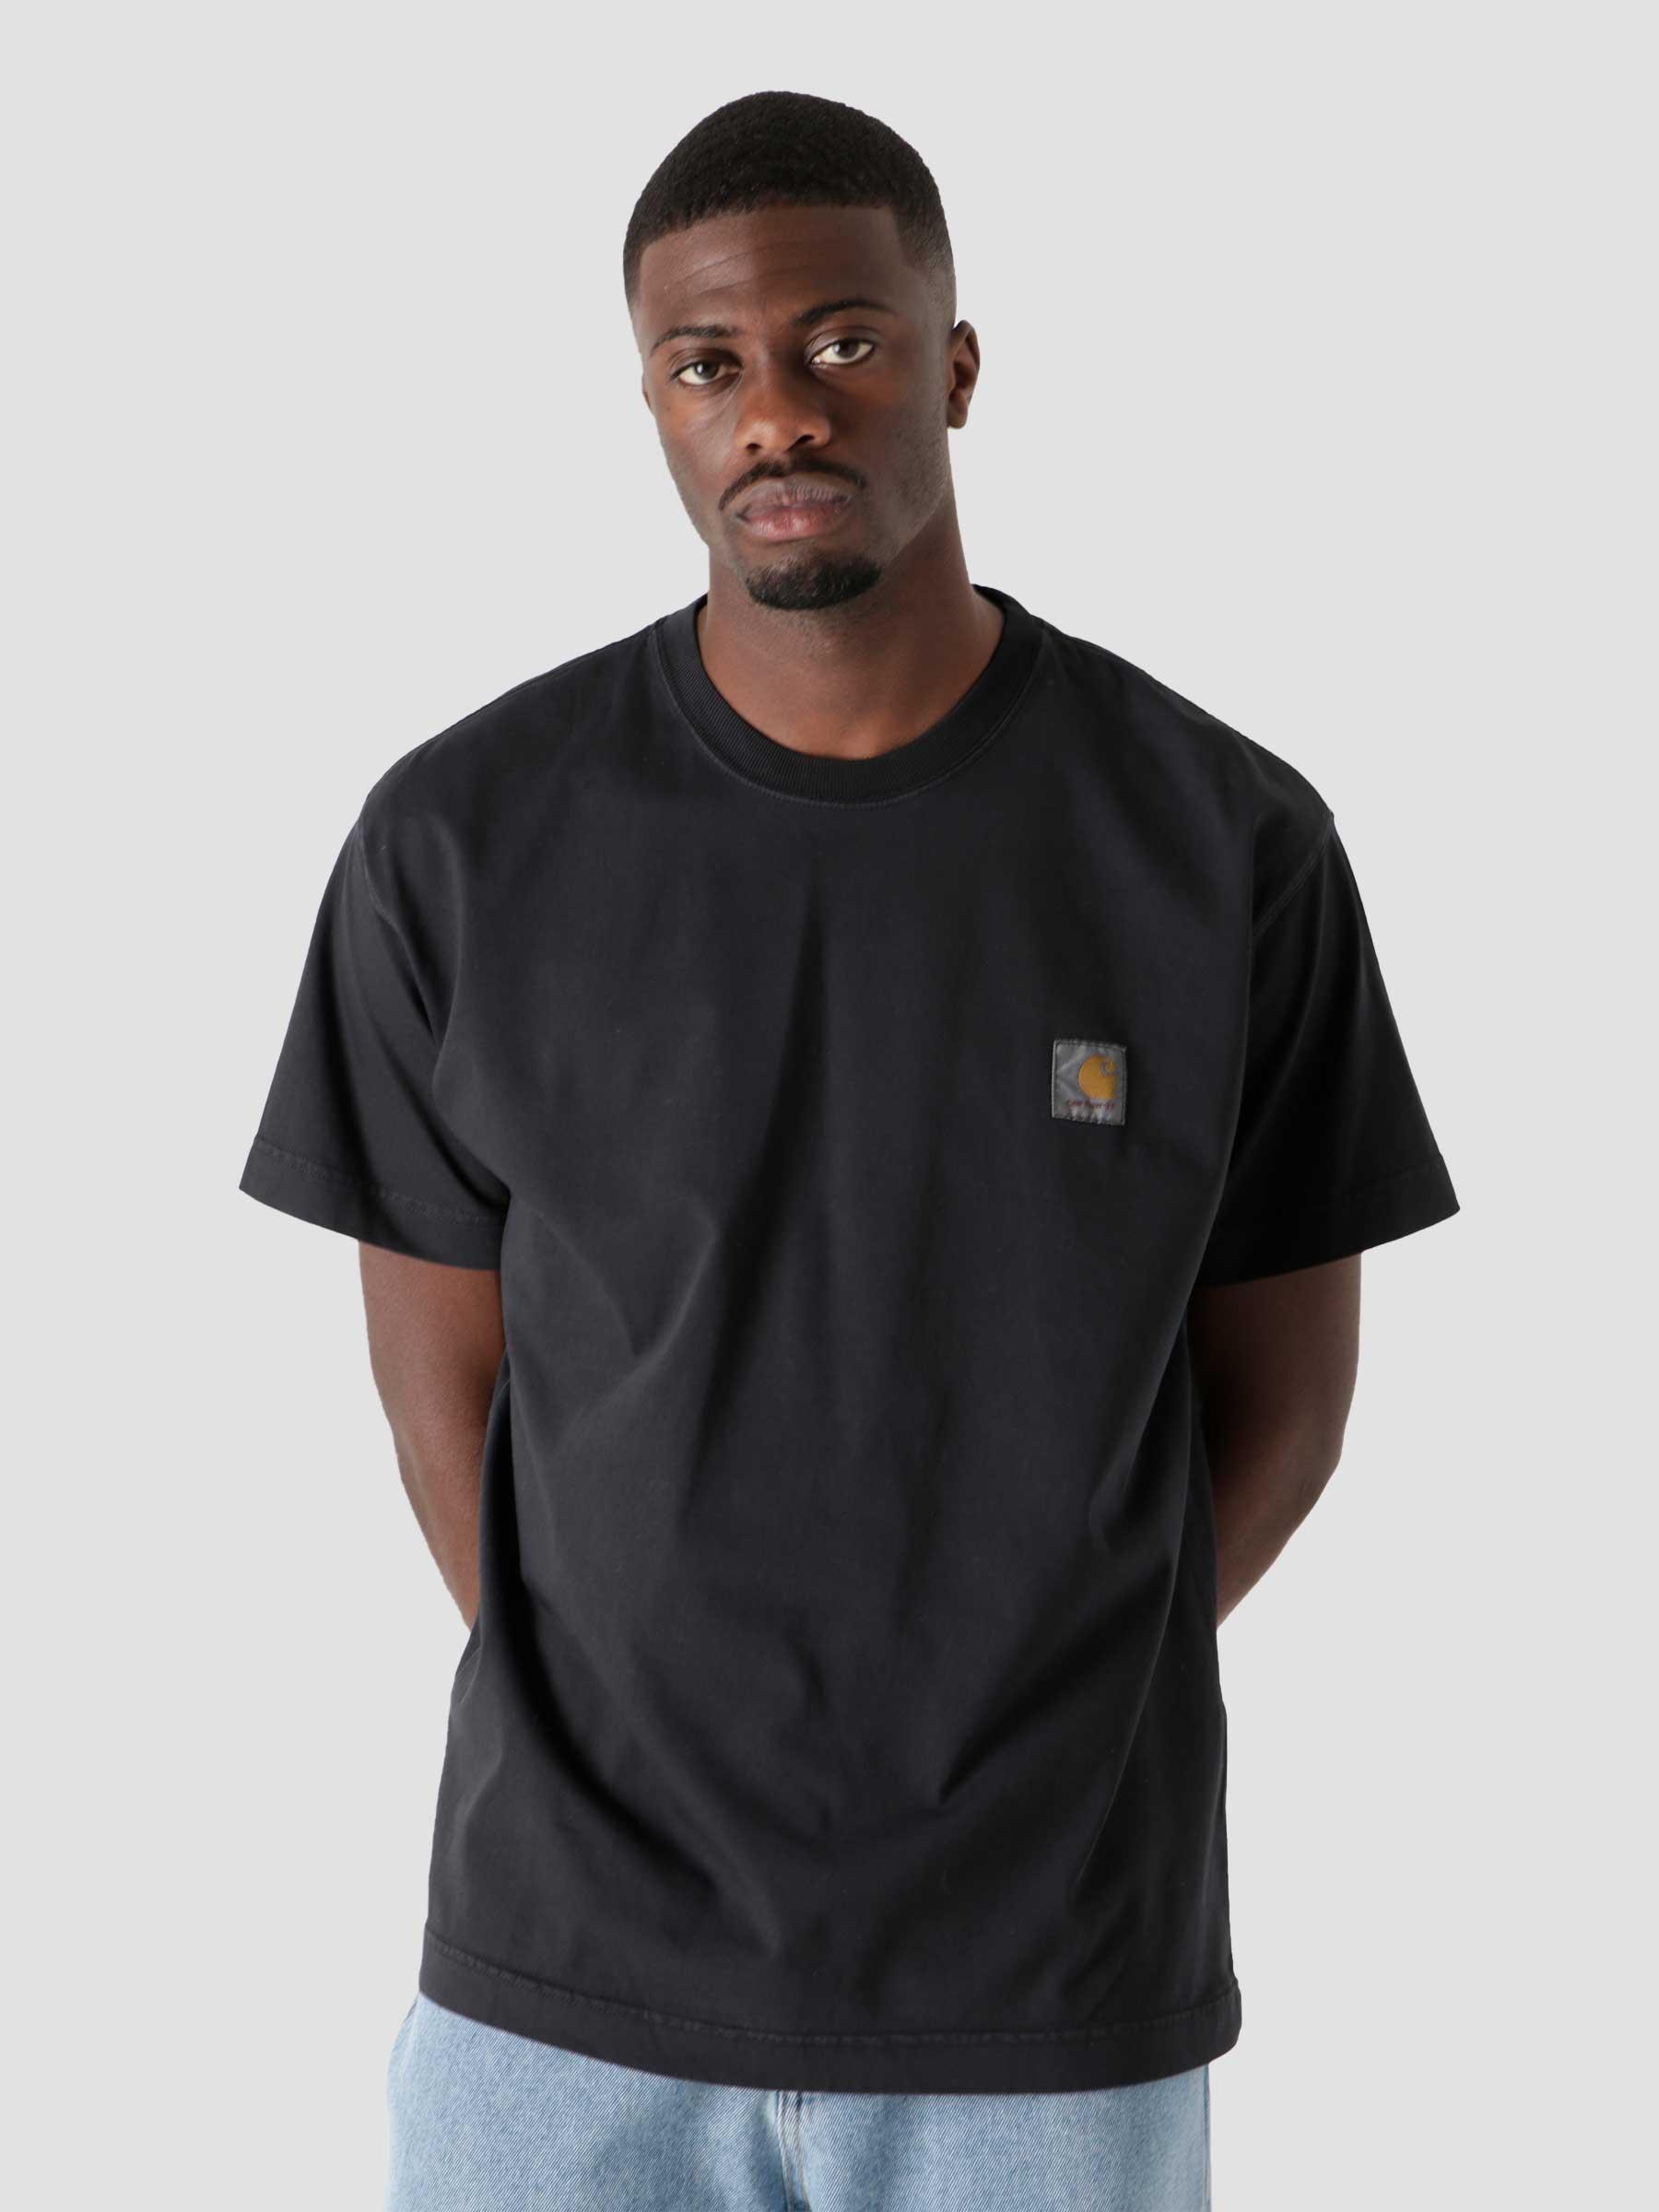 Vista T-Shirt Soot I029598